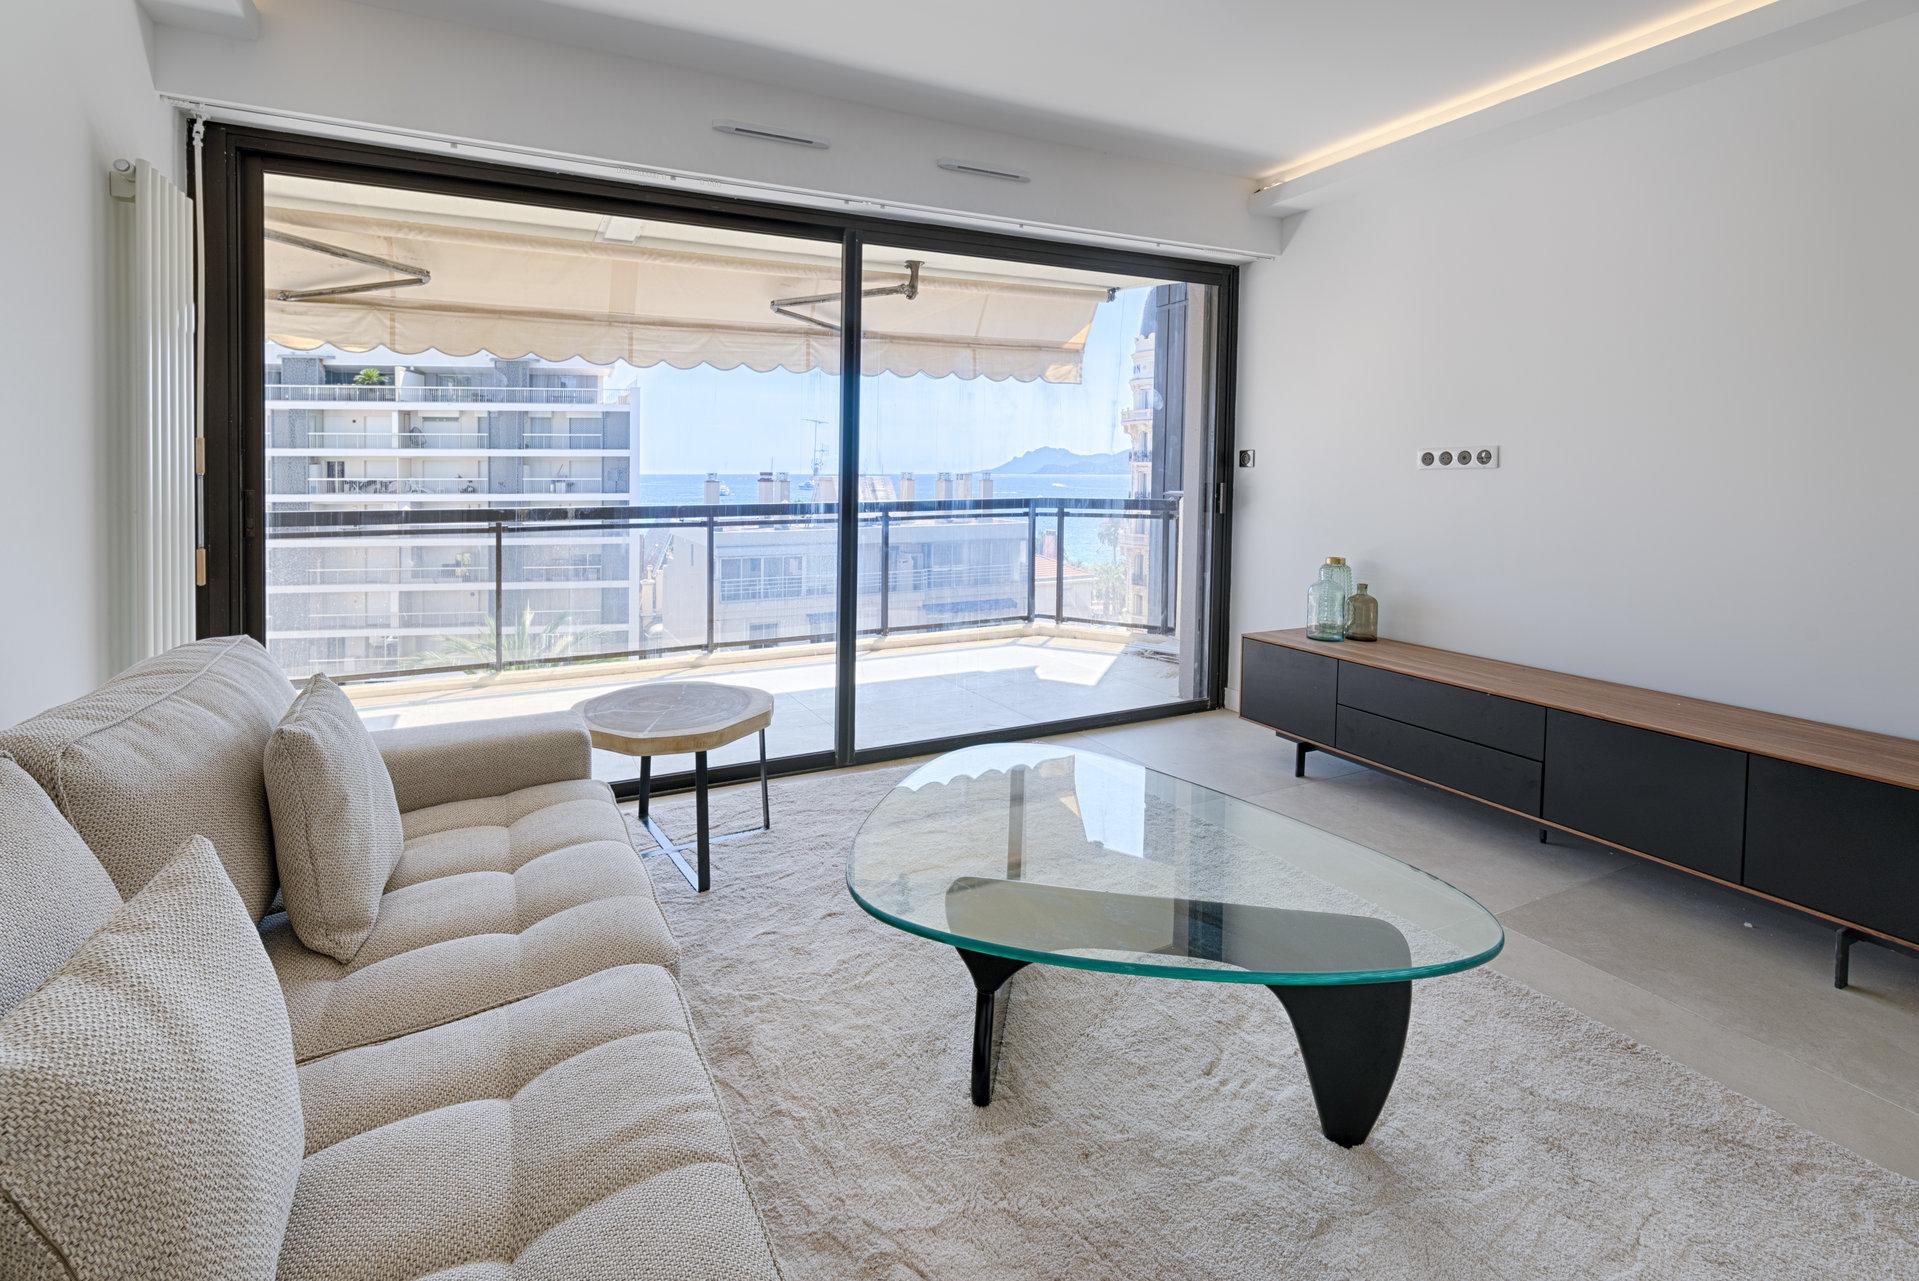 CANNES arrière Croisette - Appartement 3 pièces entièrement rénové à vendre by CANNES AGENCY